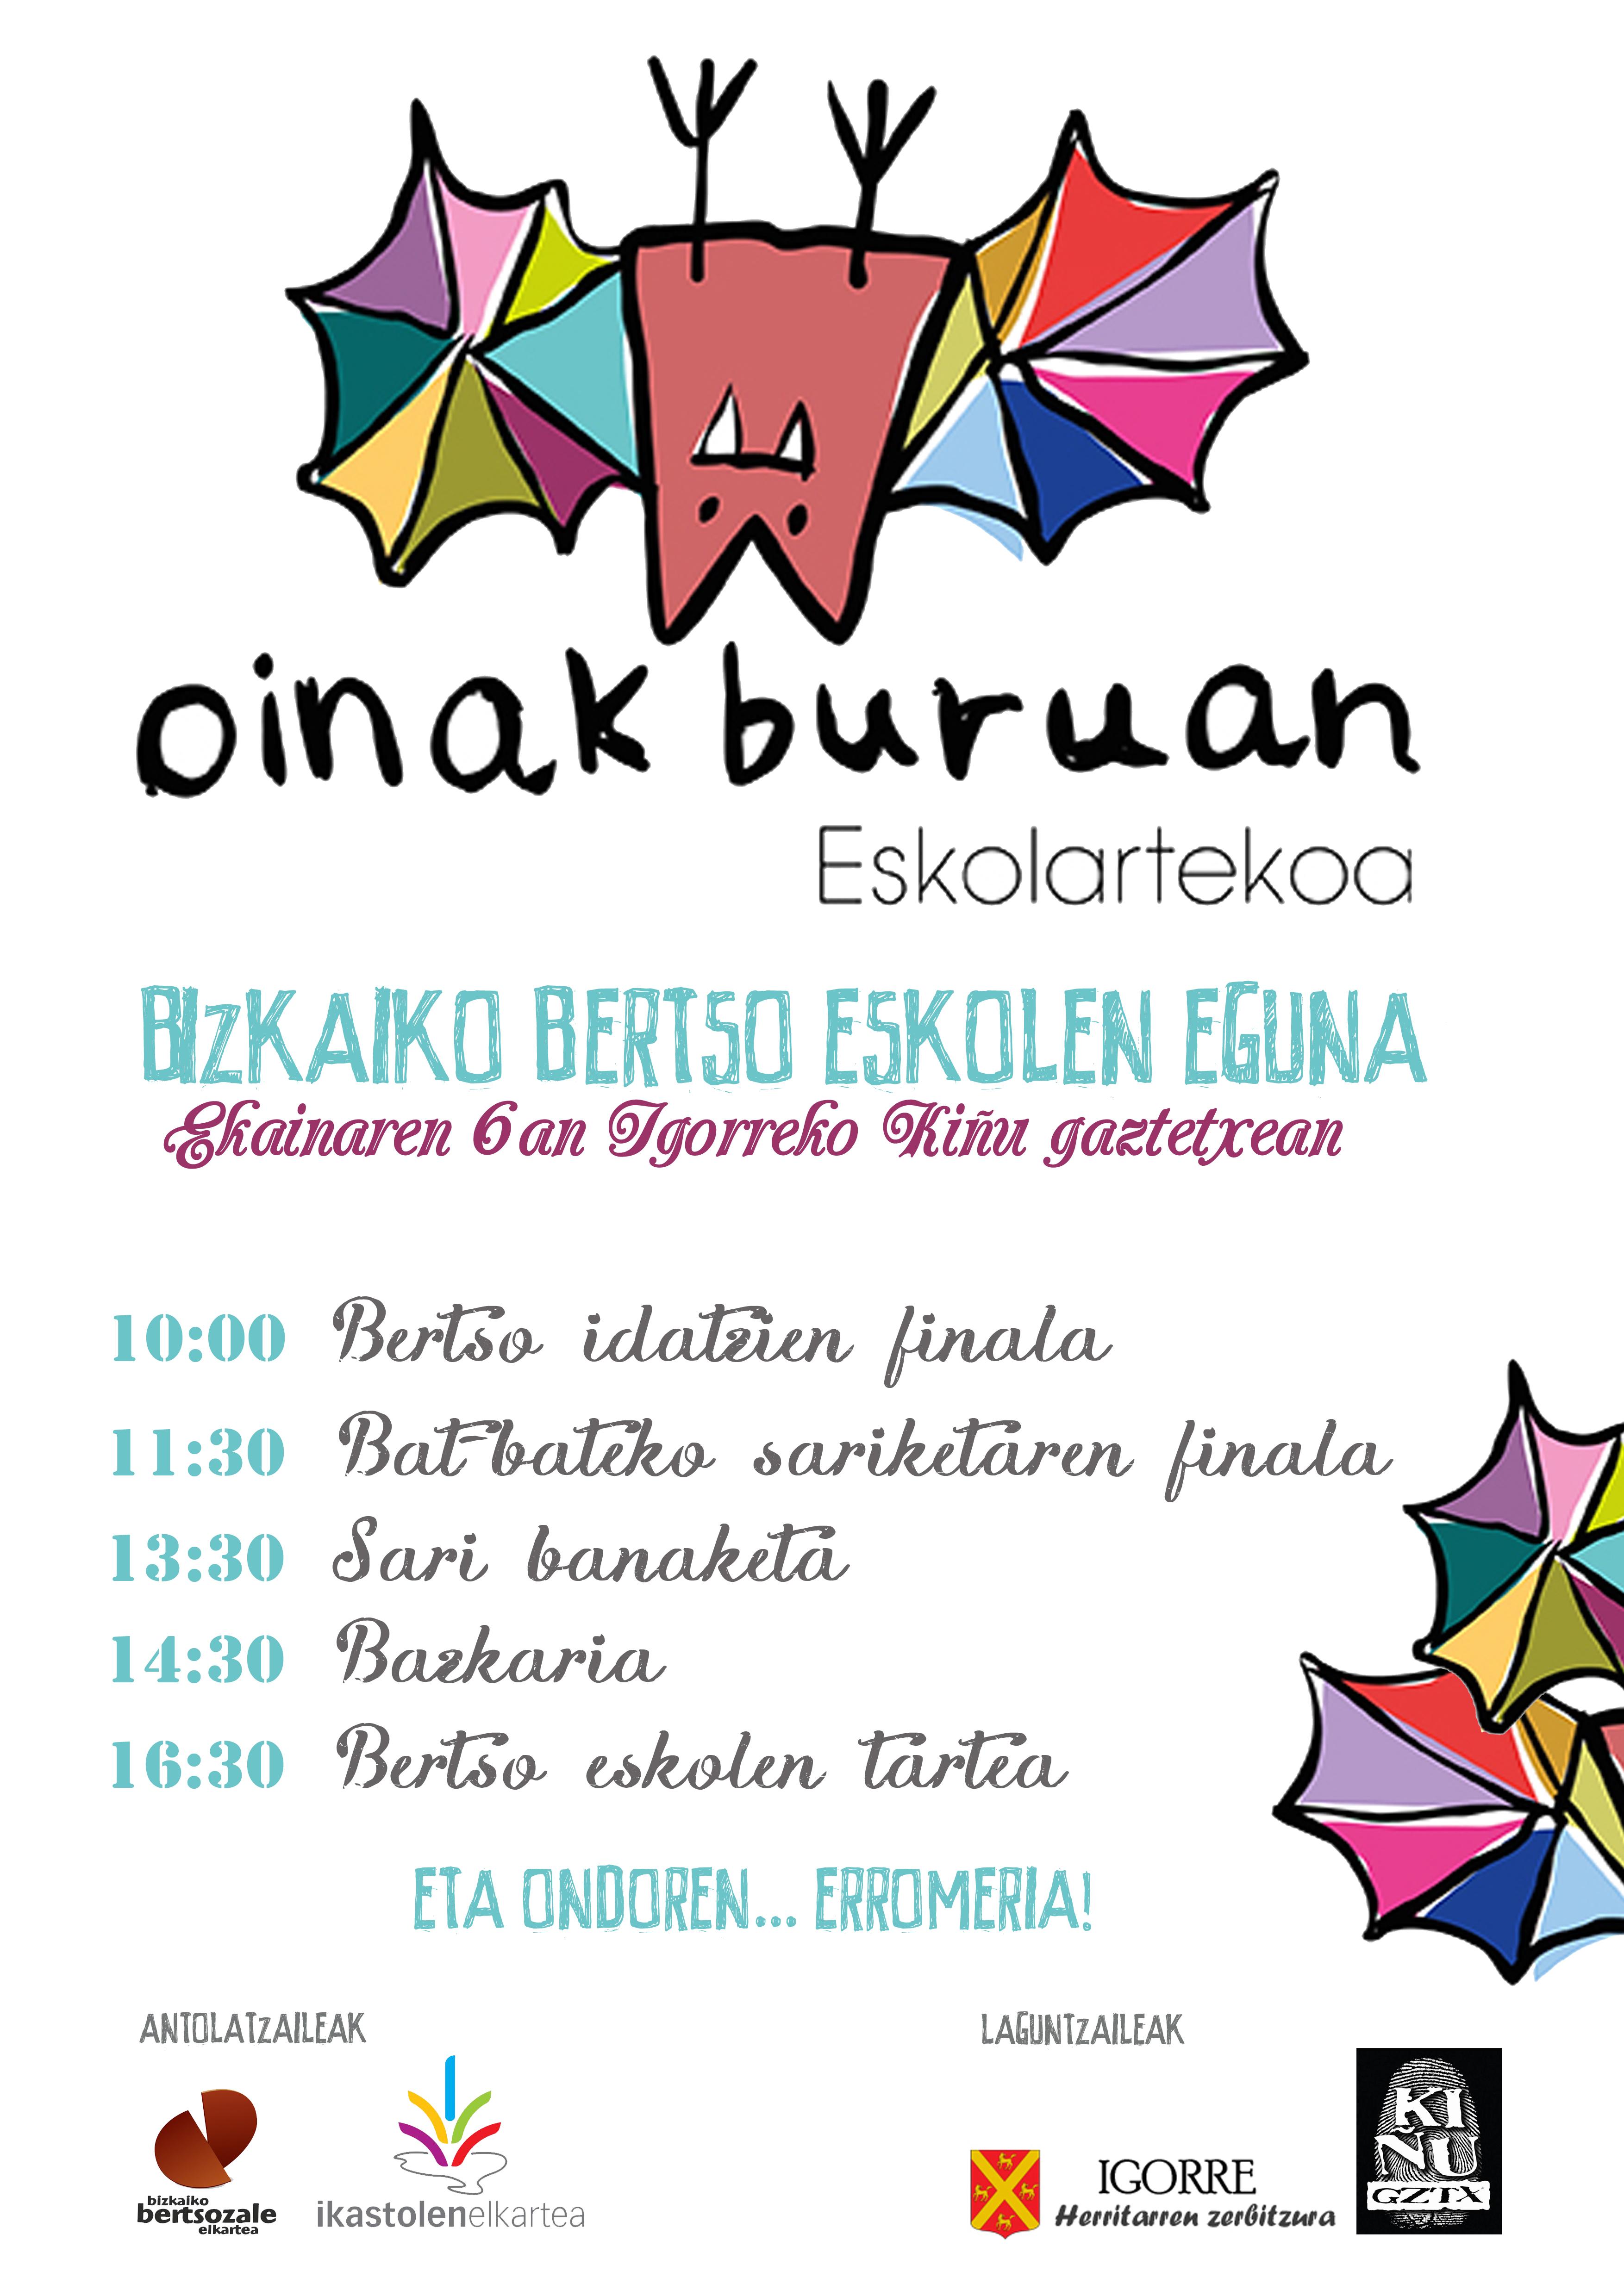 Bertso eskolen eguna eta eskolarteko finak2015-06-06